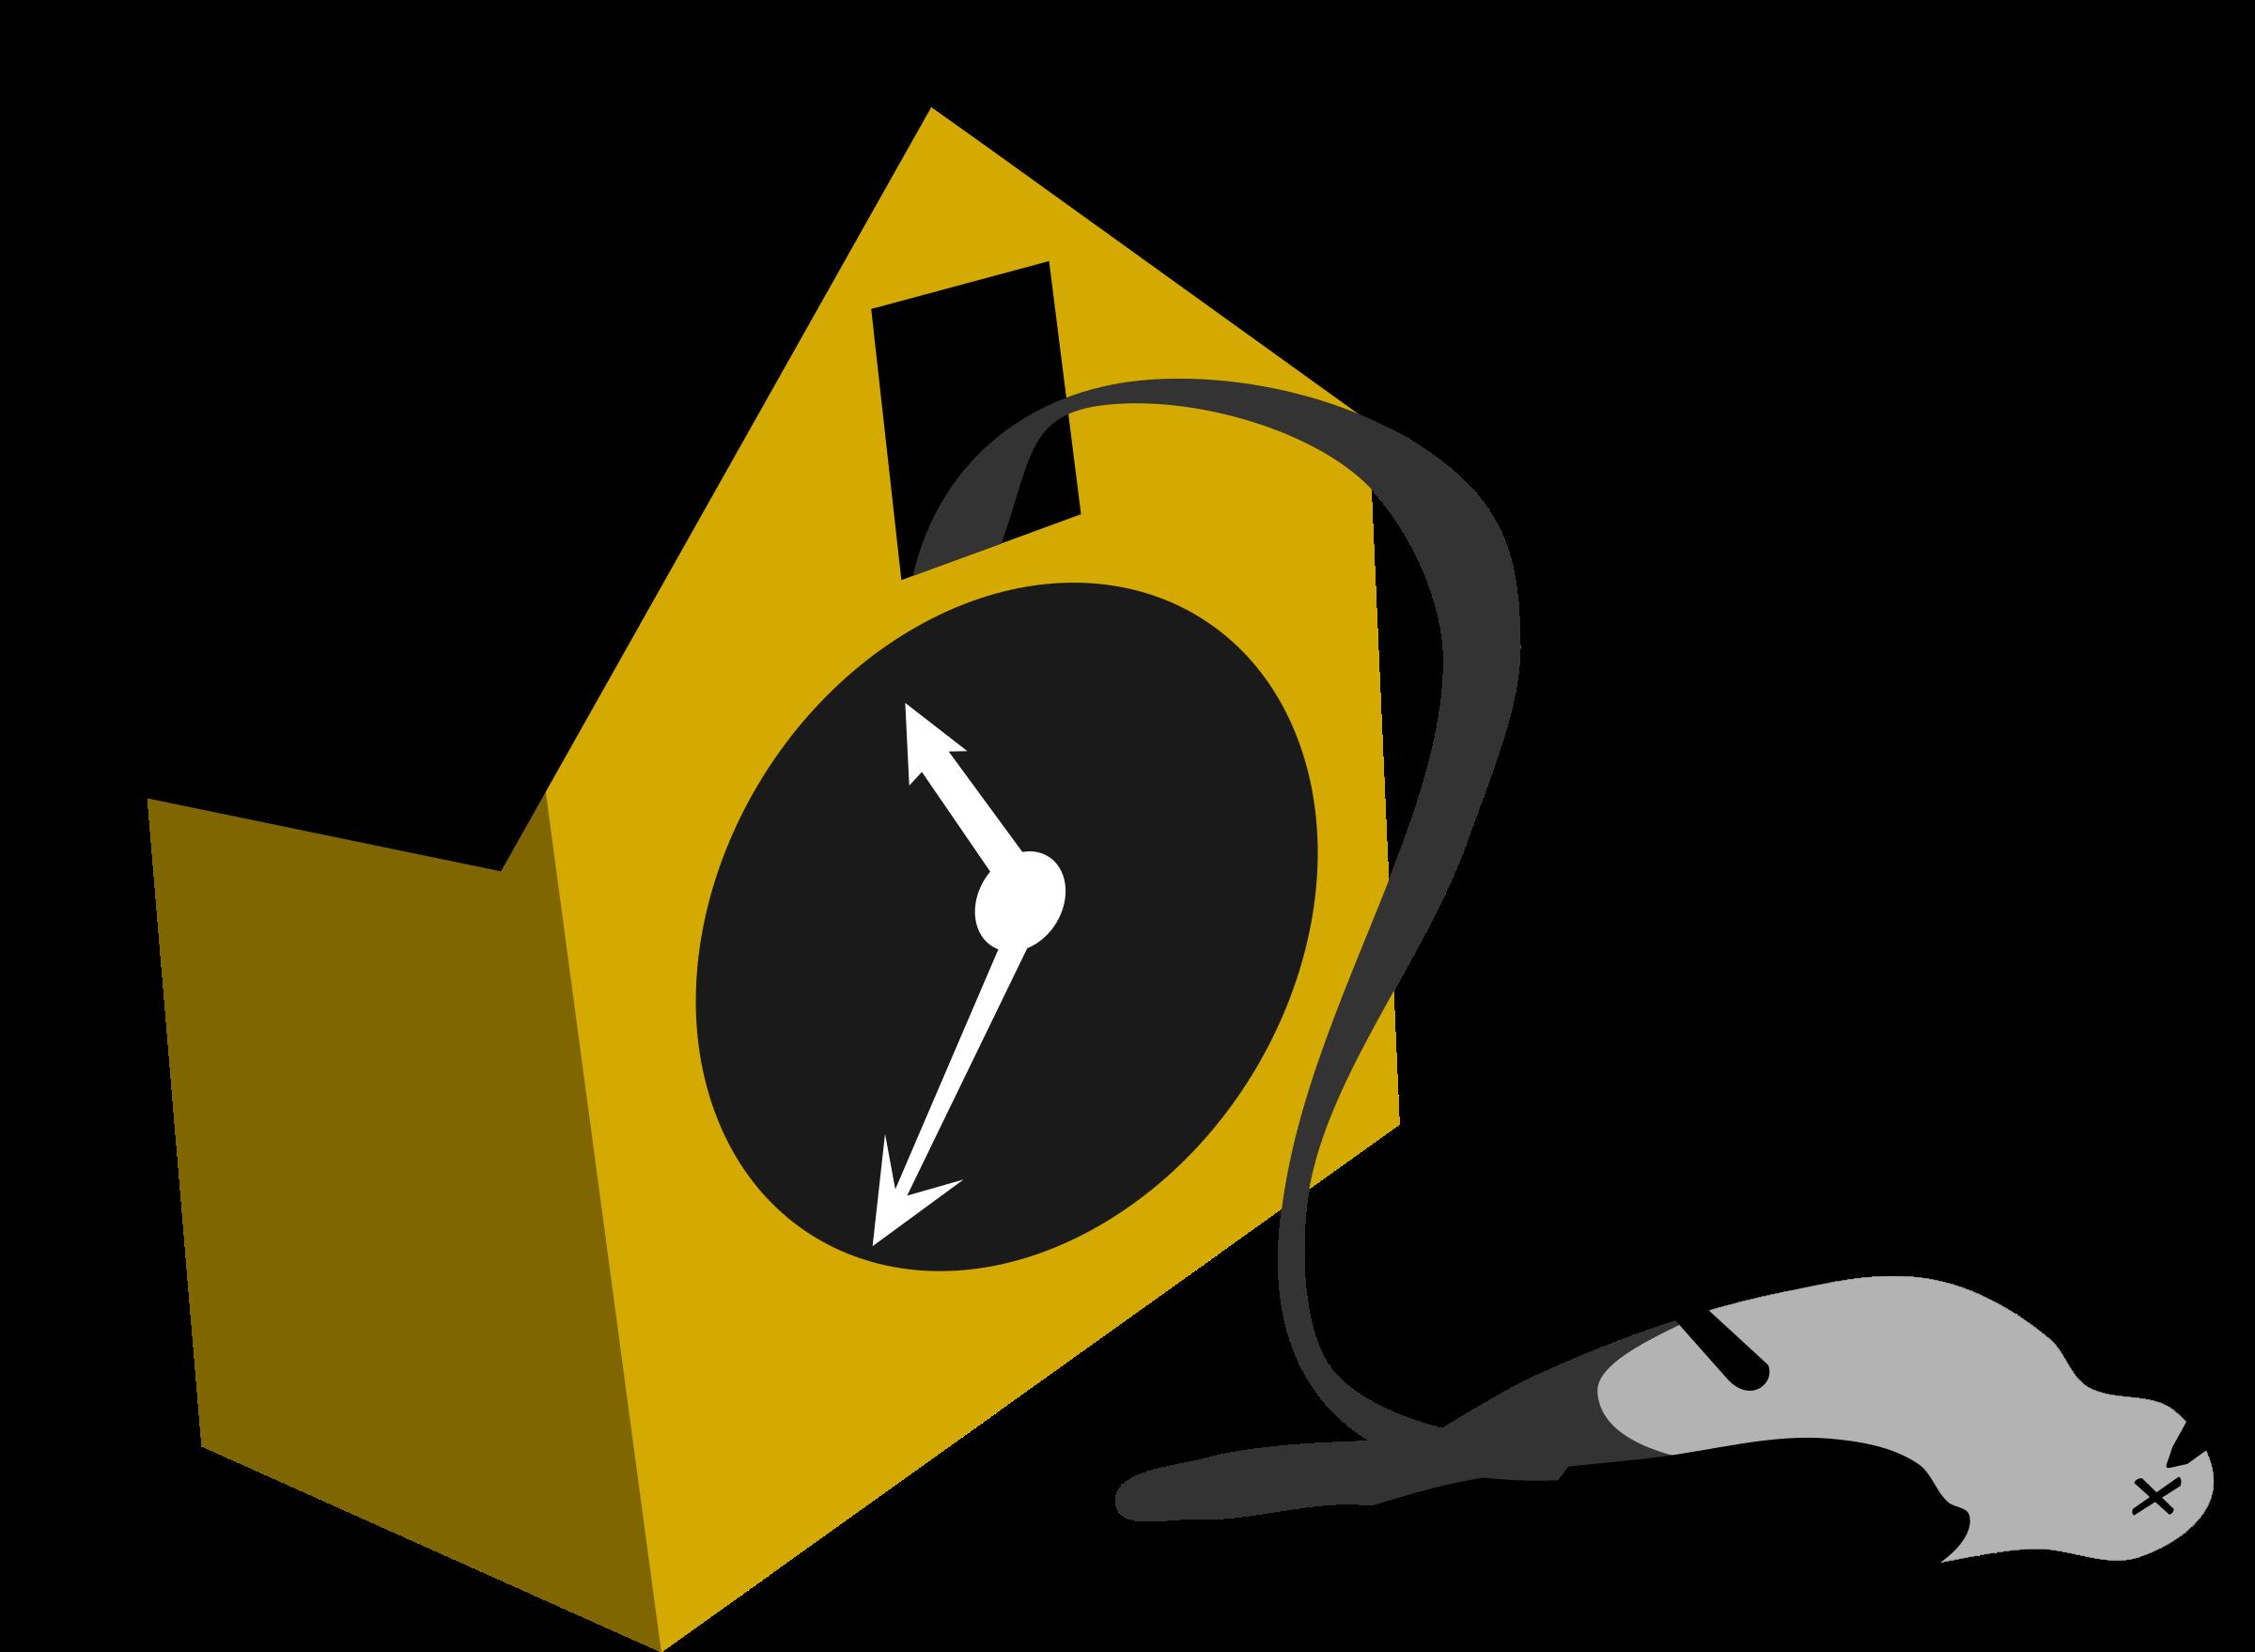 Crazy clipart cuckoo. Clock at getdrawings com